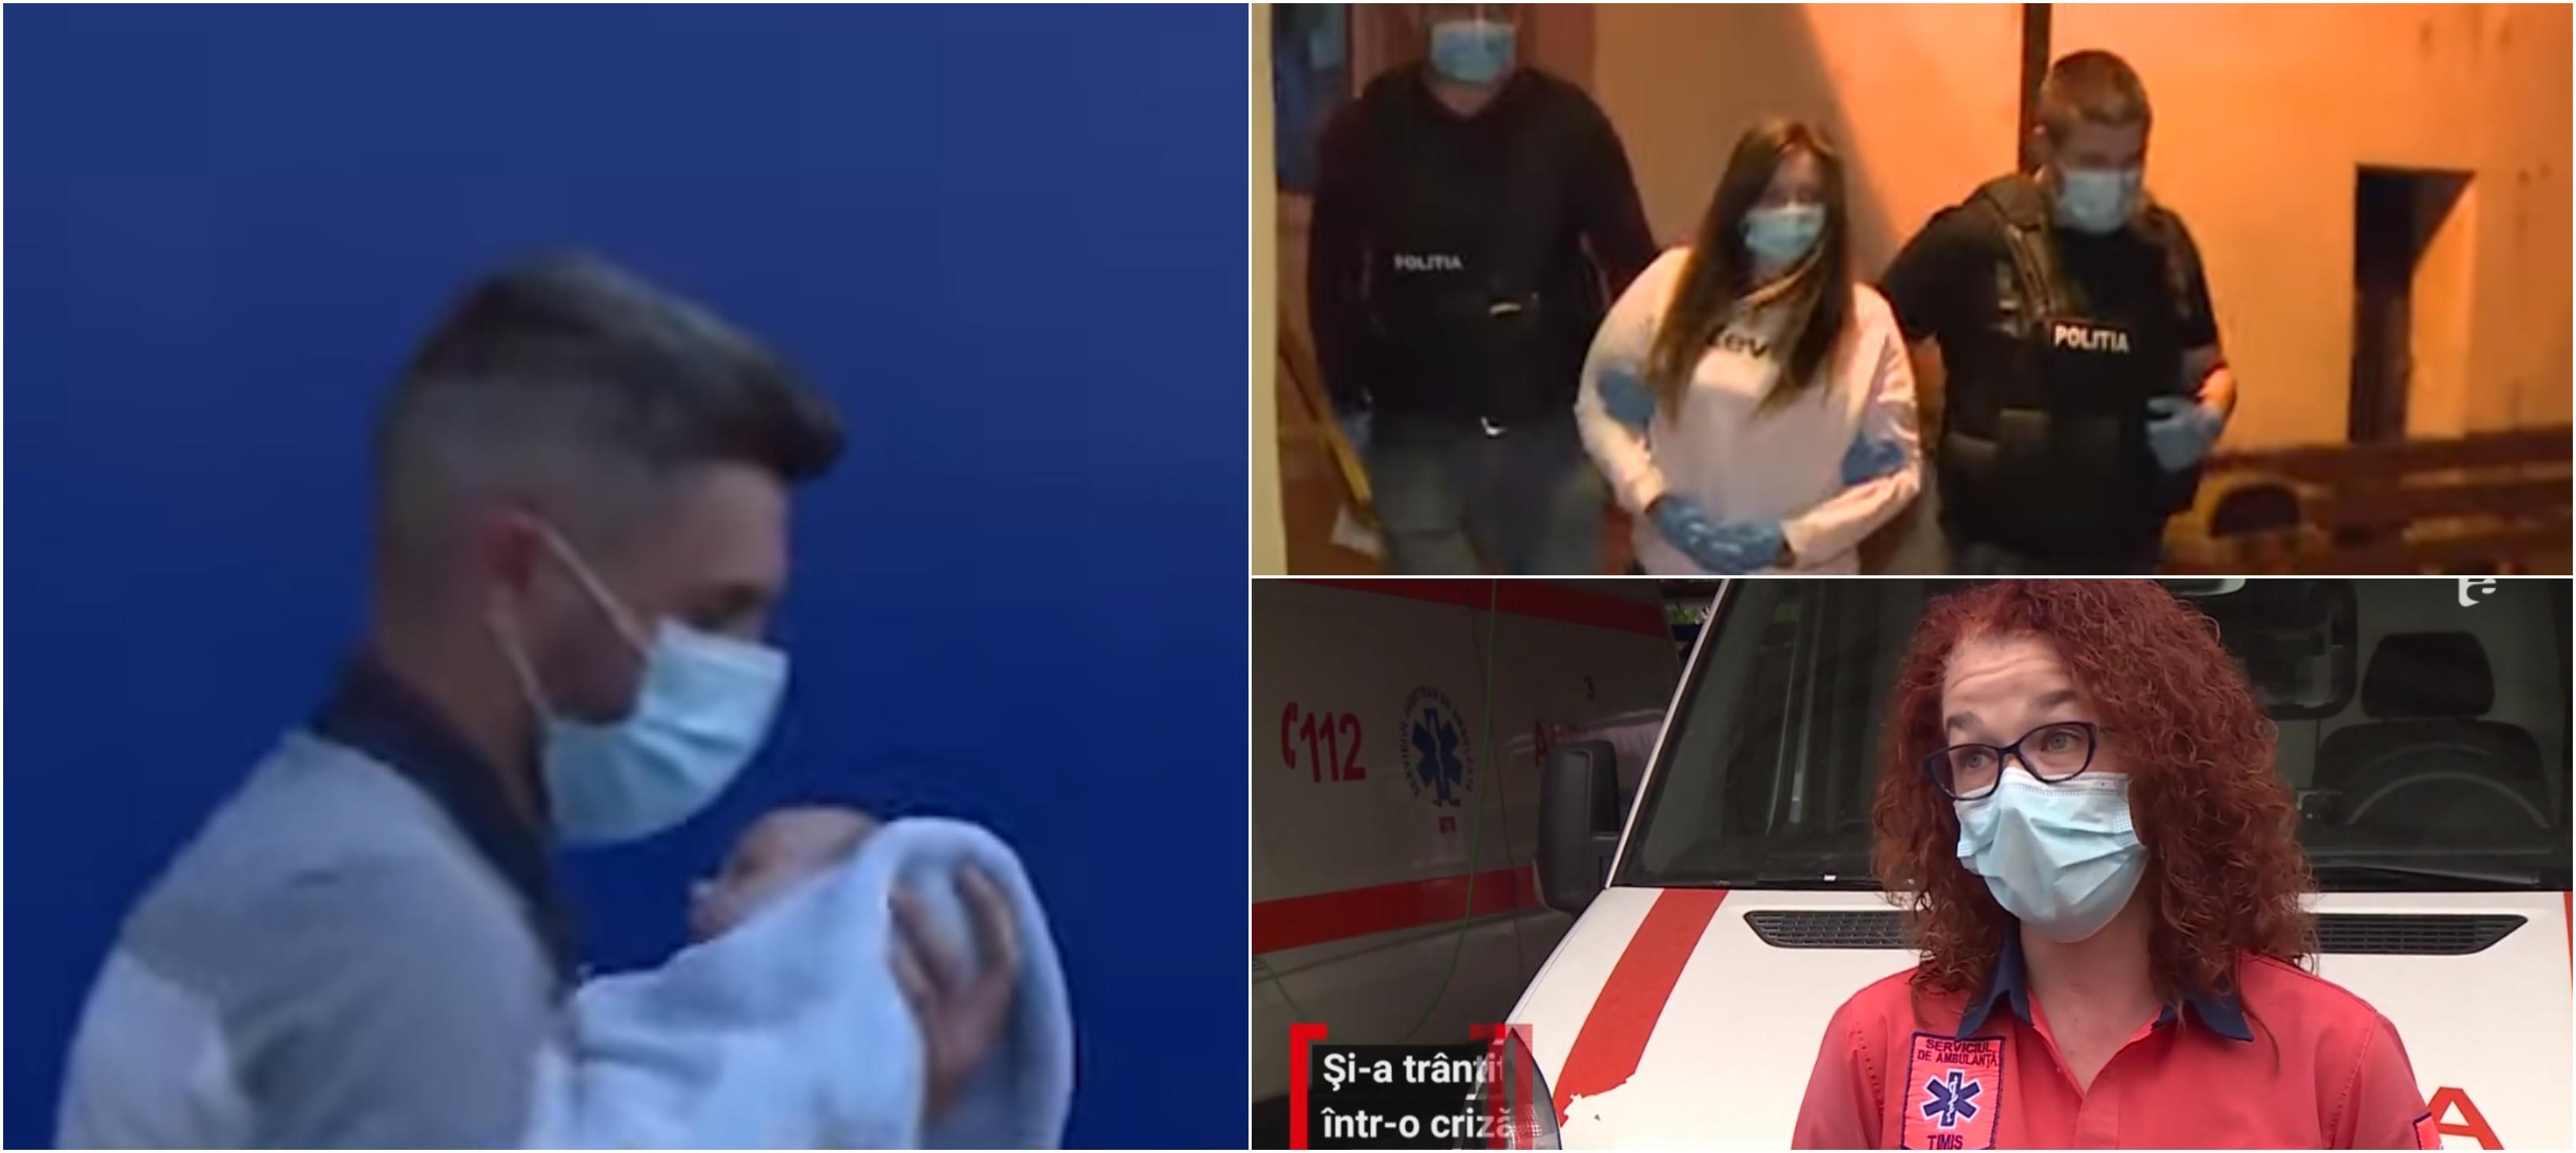 O mamă și-a aruncat bebelușul la pământ în timp ce se certa cu iubitul. Femeia a fost reținută în Timișoara VIDEO | Demamici.ro